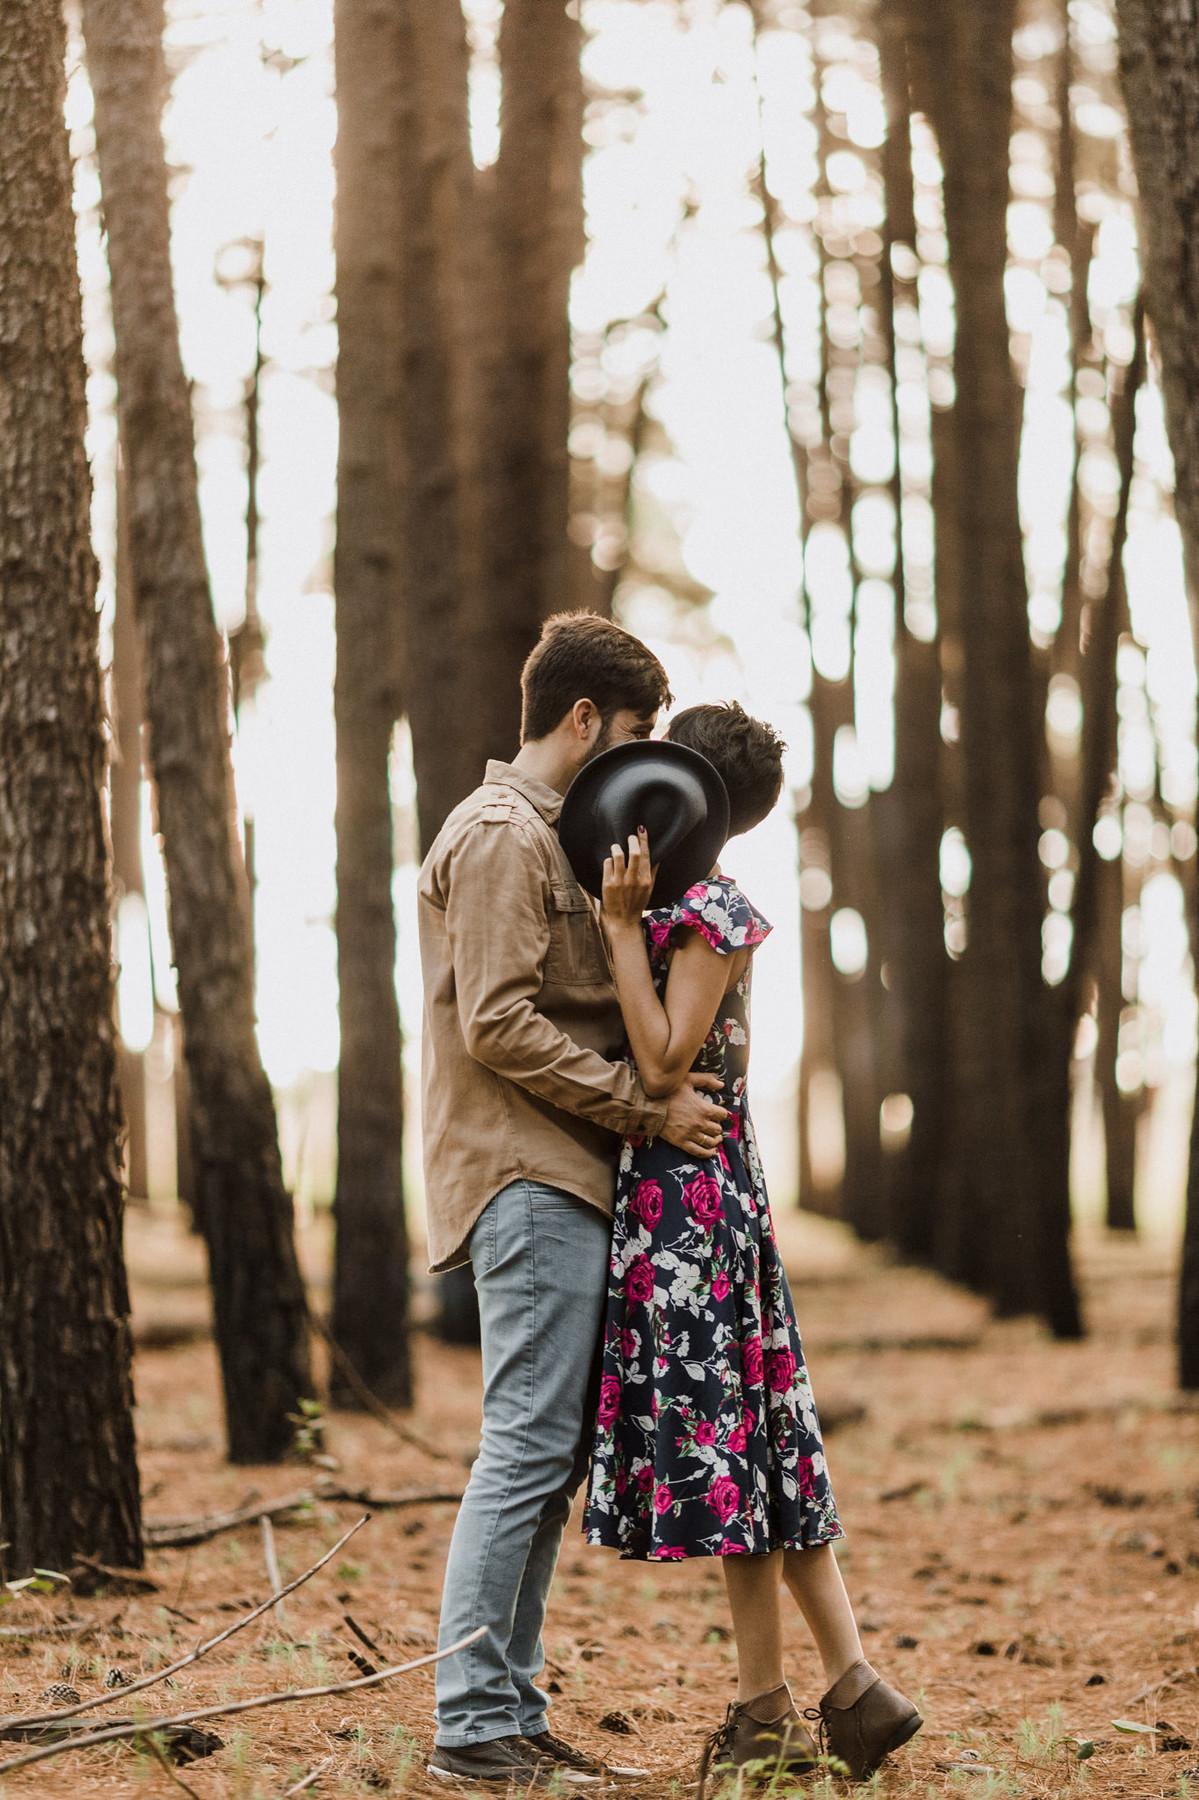 Casal abraçado em floresta de pinheiros em Brasília. Foto feita pelo fotógrafo de casamento Gabriel Pelaquim.